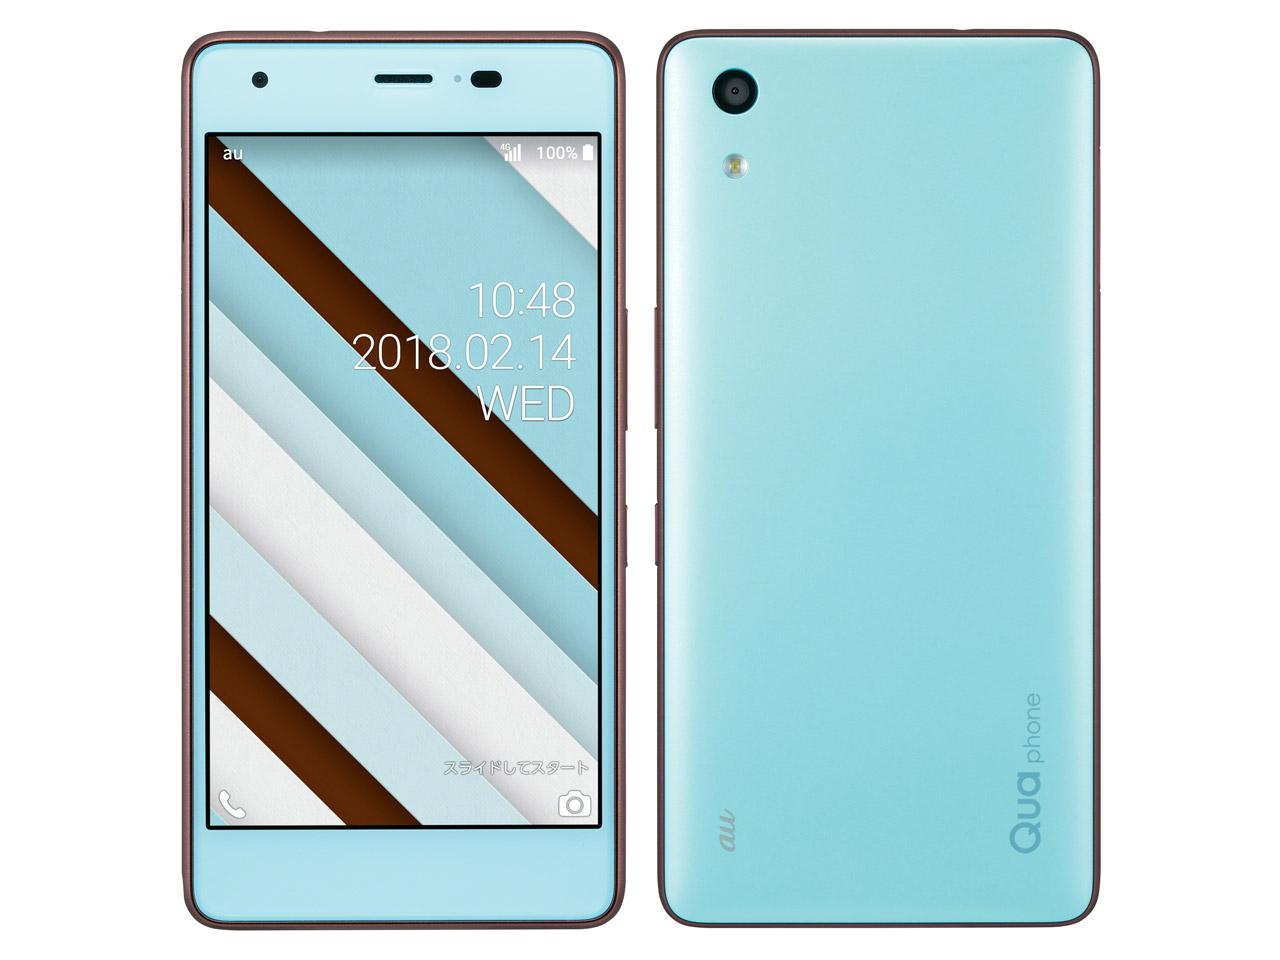 京セラ Qua phone QZ [チョコミント] SIMロック解除済 au 白ロム 2018年春モデル